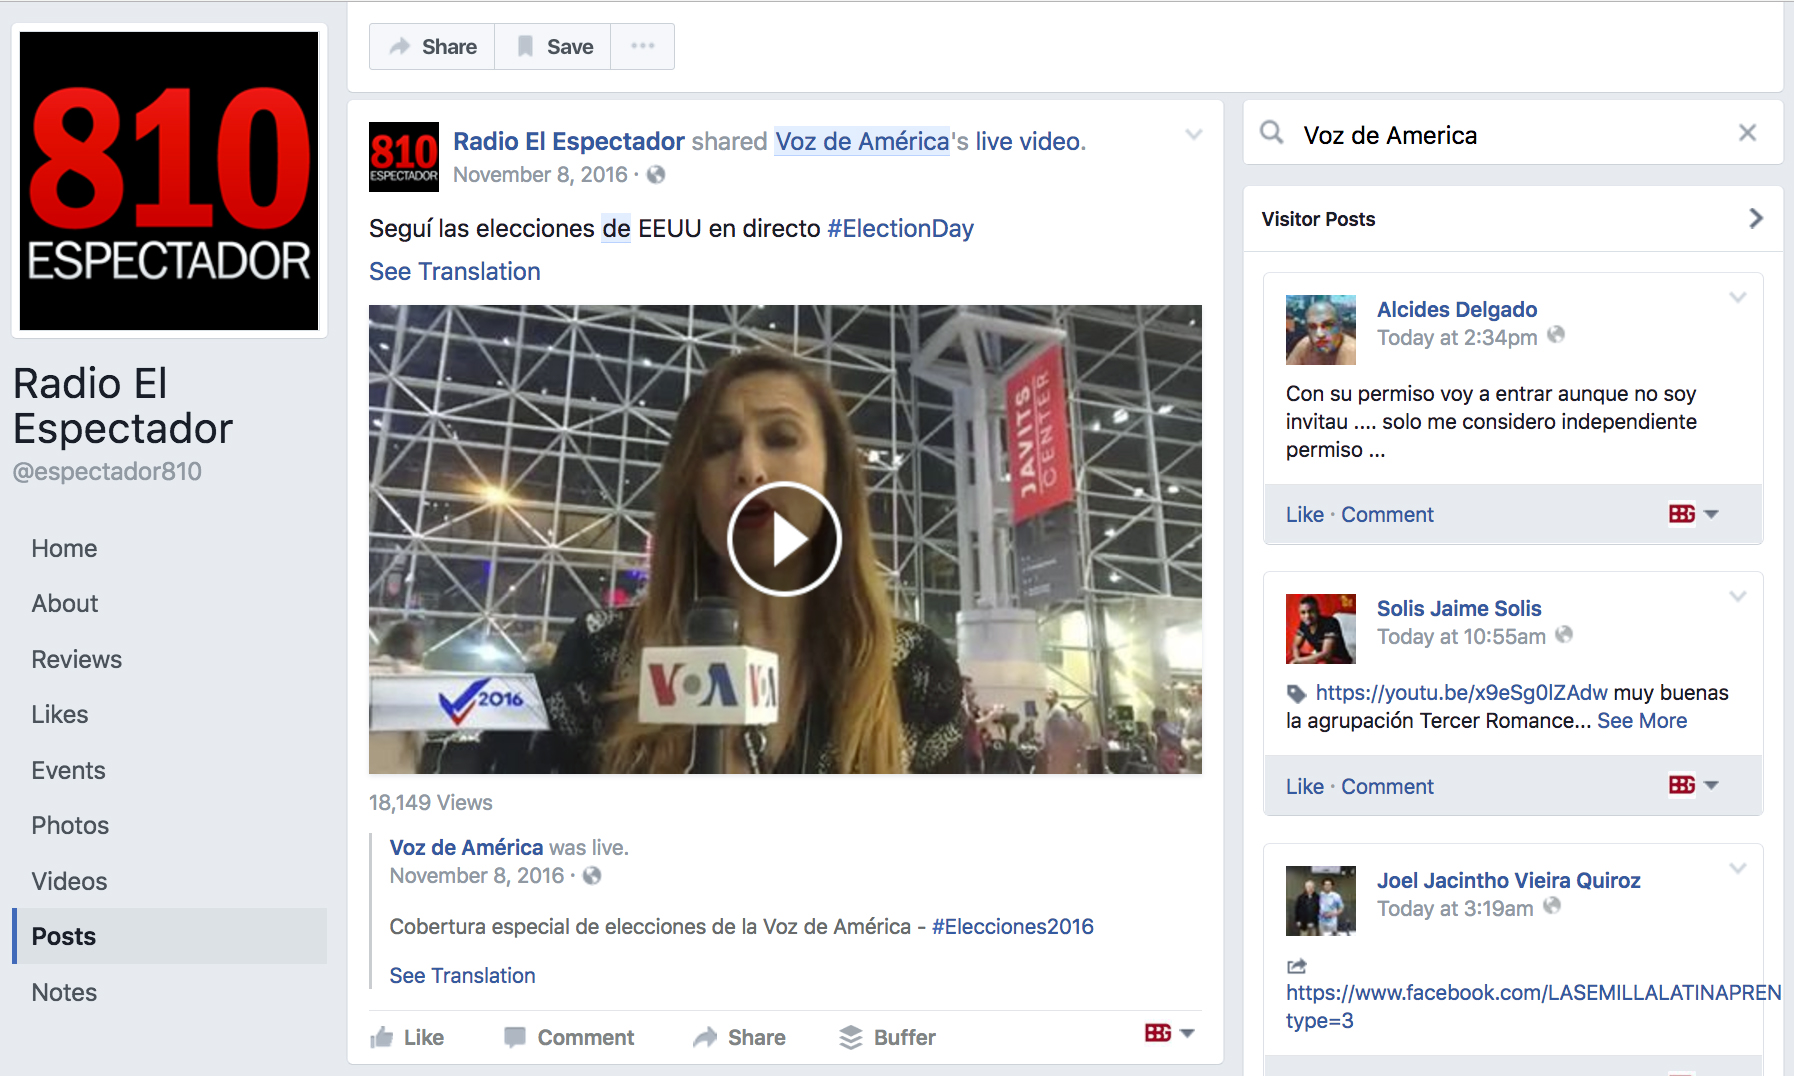 Screenshot of a Facebook page for Uruguay radio station 810 El Espectador